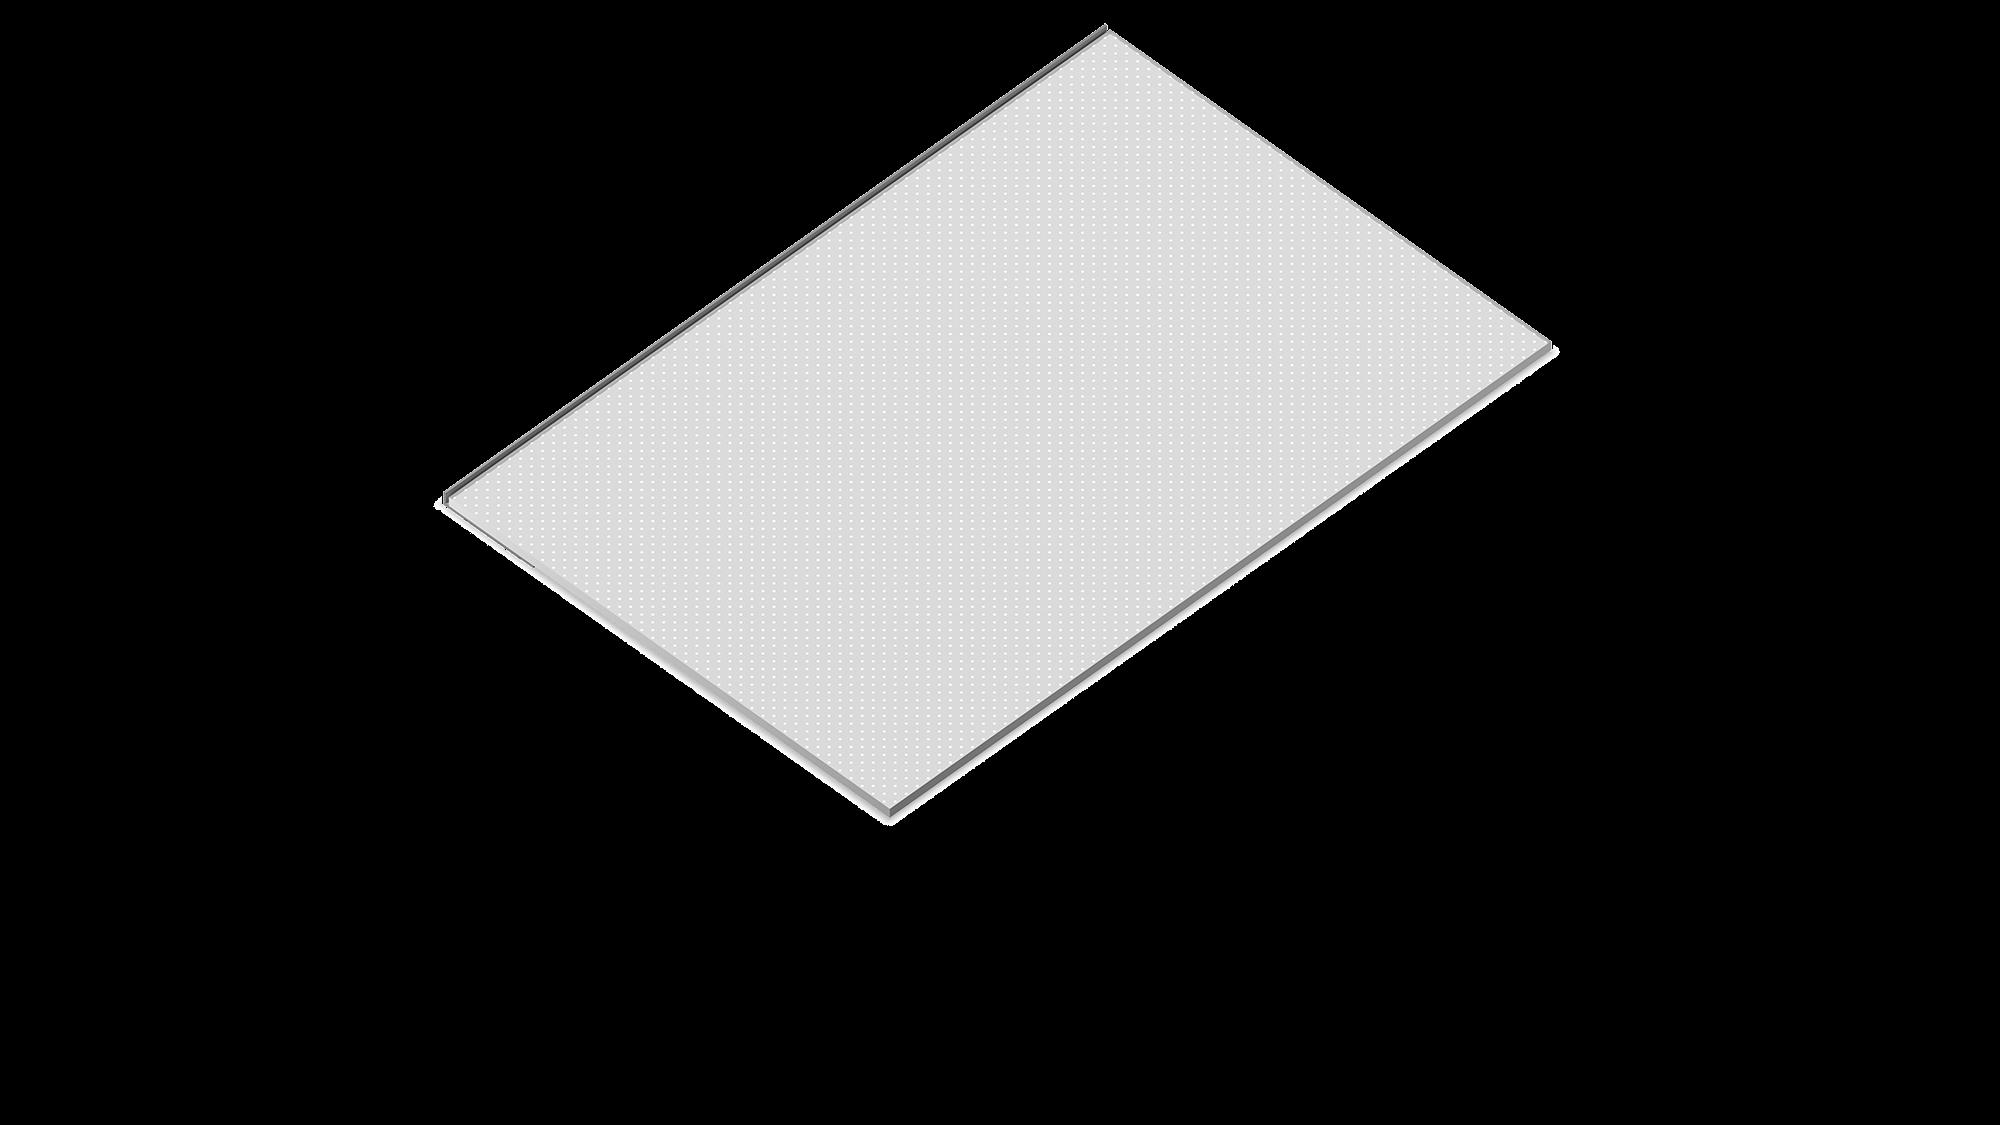 panneau LED personnalisable